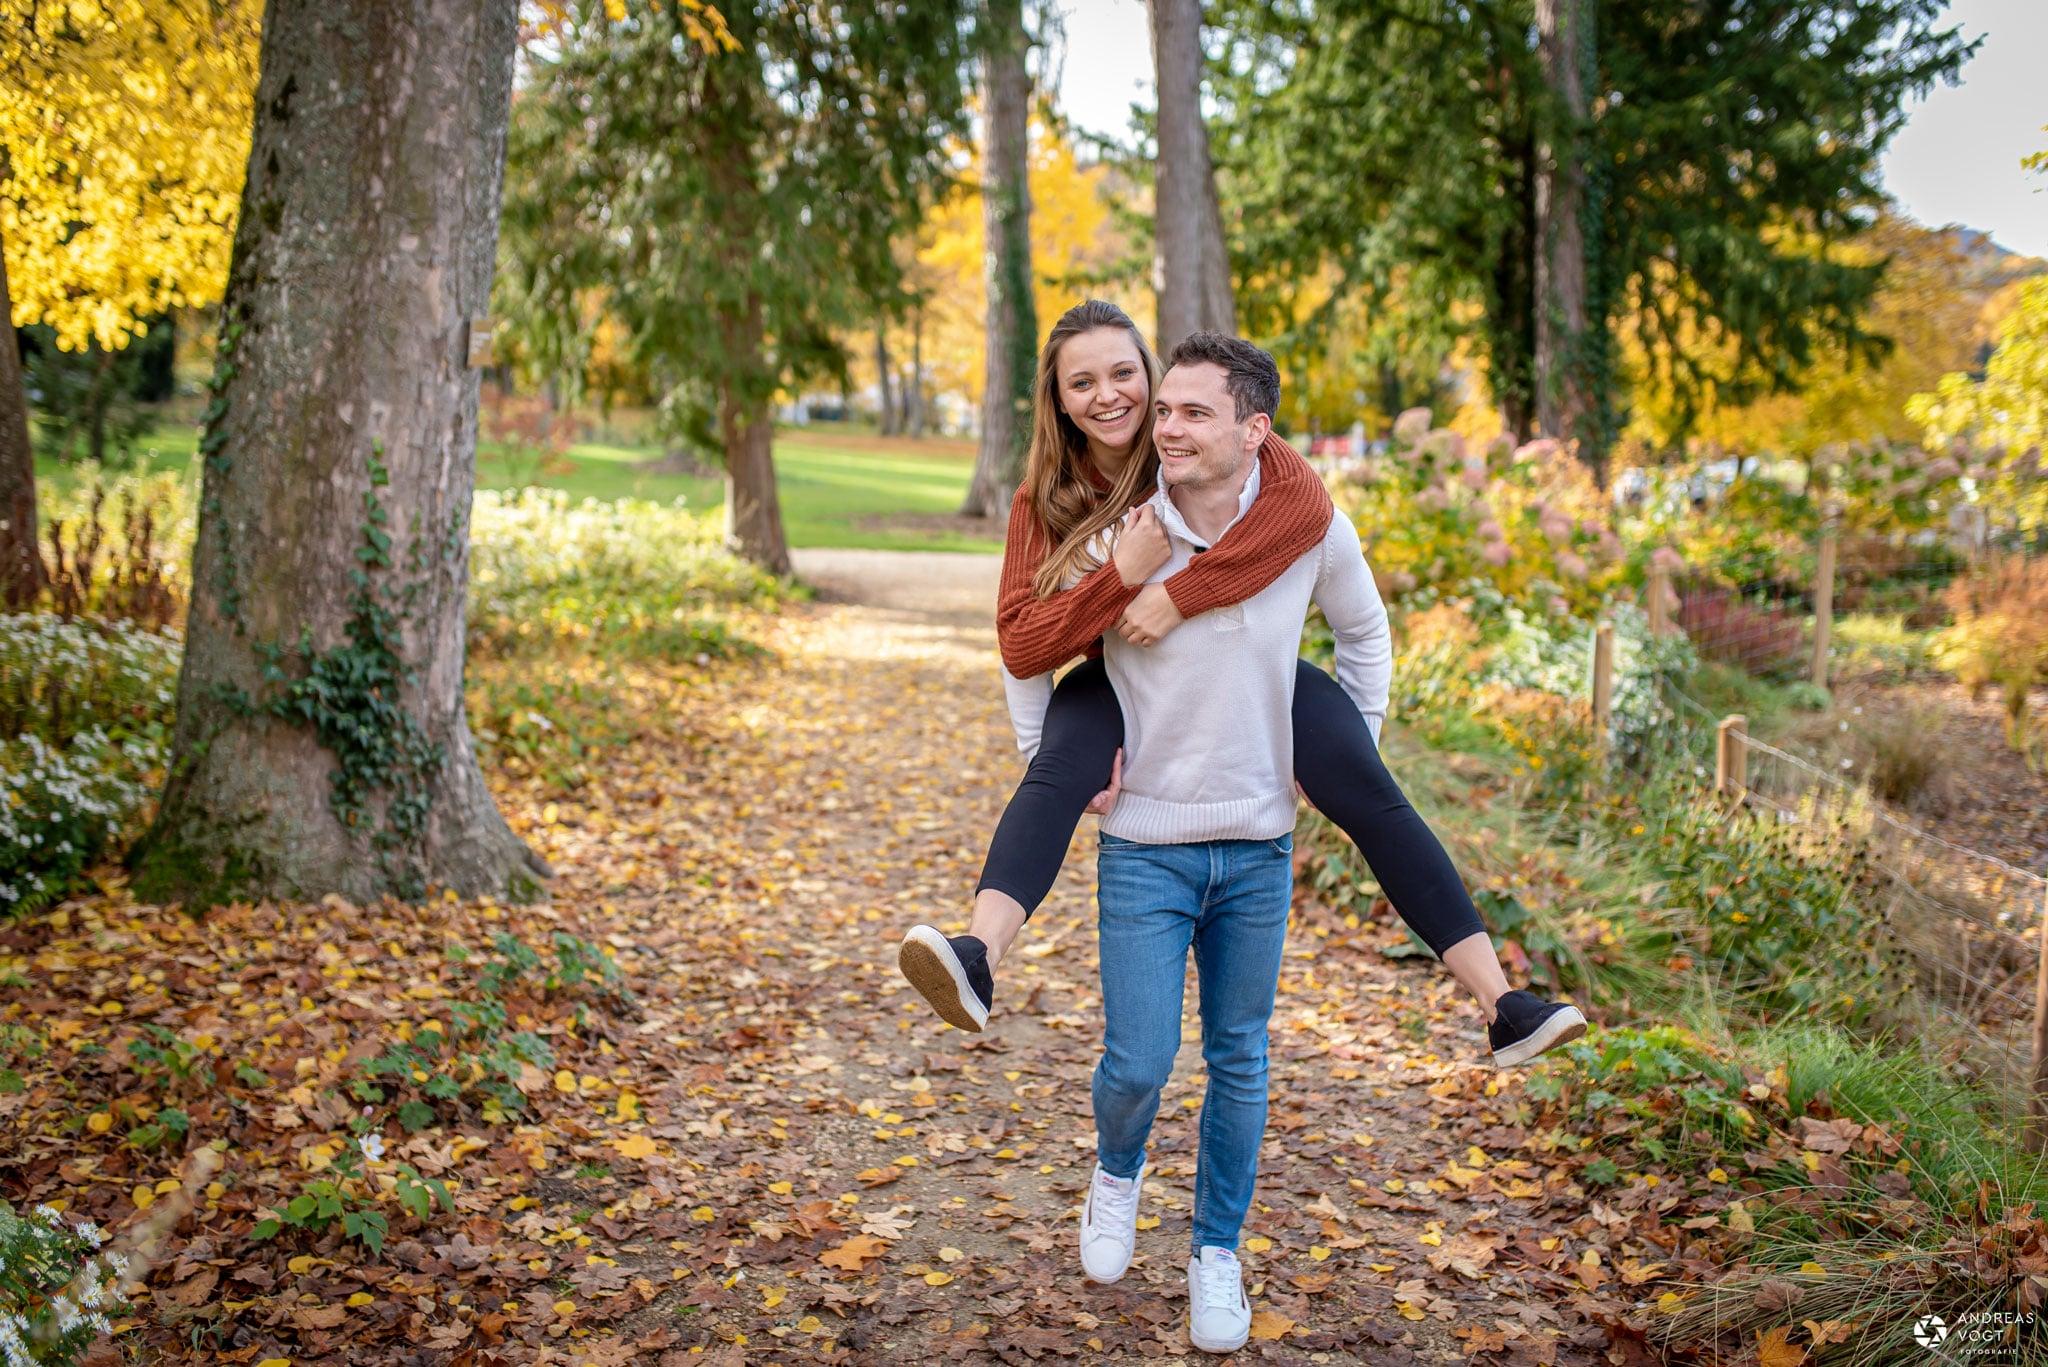 Paarfotoshooting im Herbst Fotograf Andreas Vogt